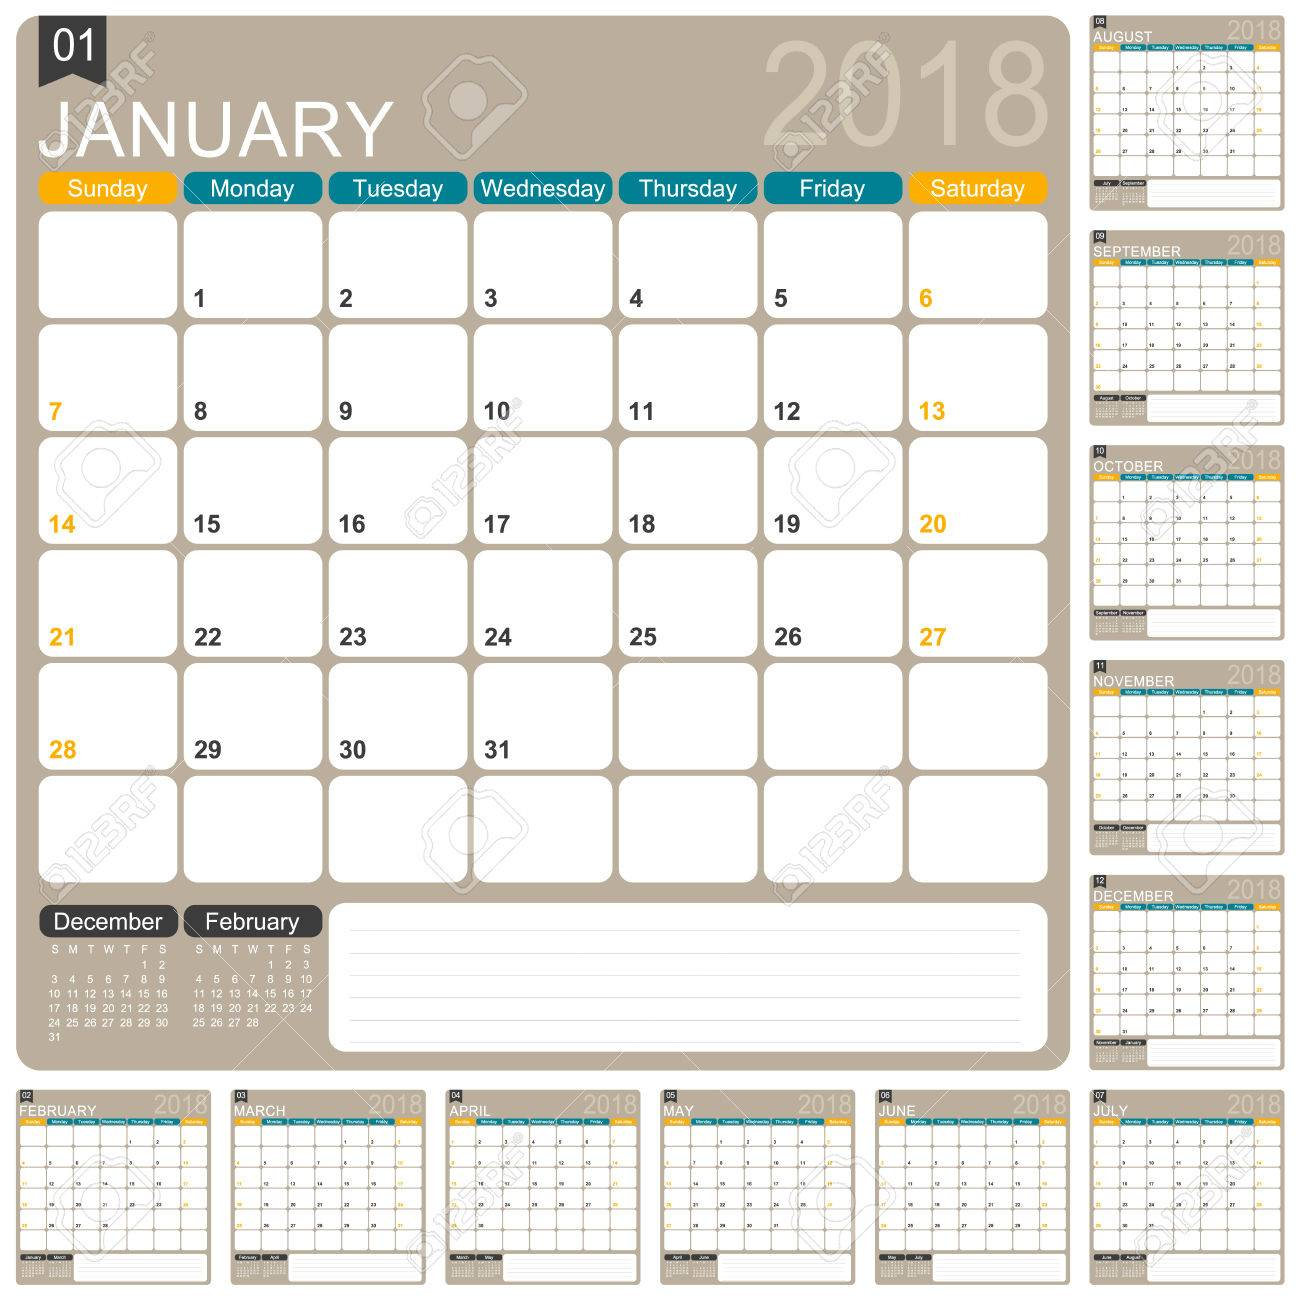 Ingles Plantilla De Calendario Para El Ano 2018 Un Conjunto De 12